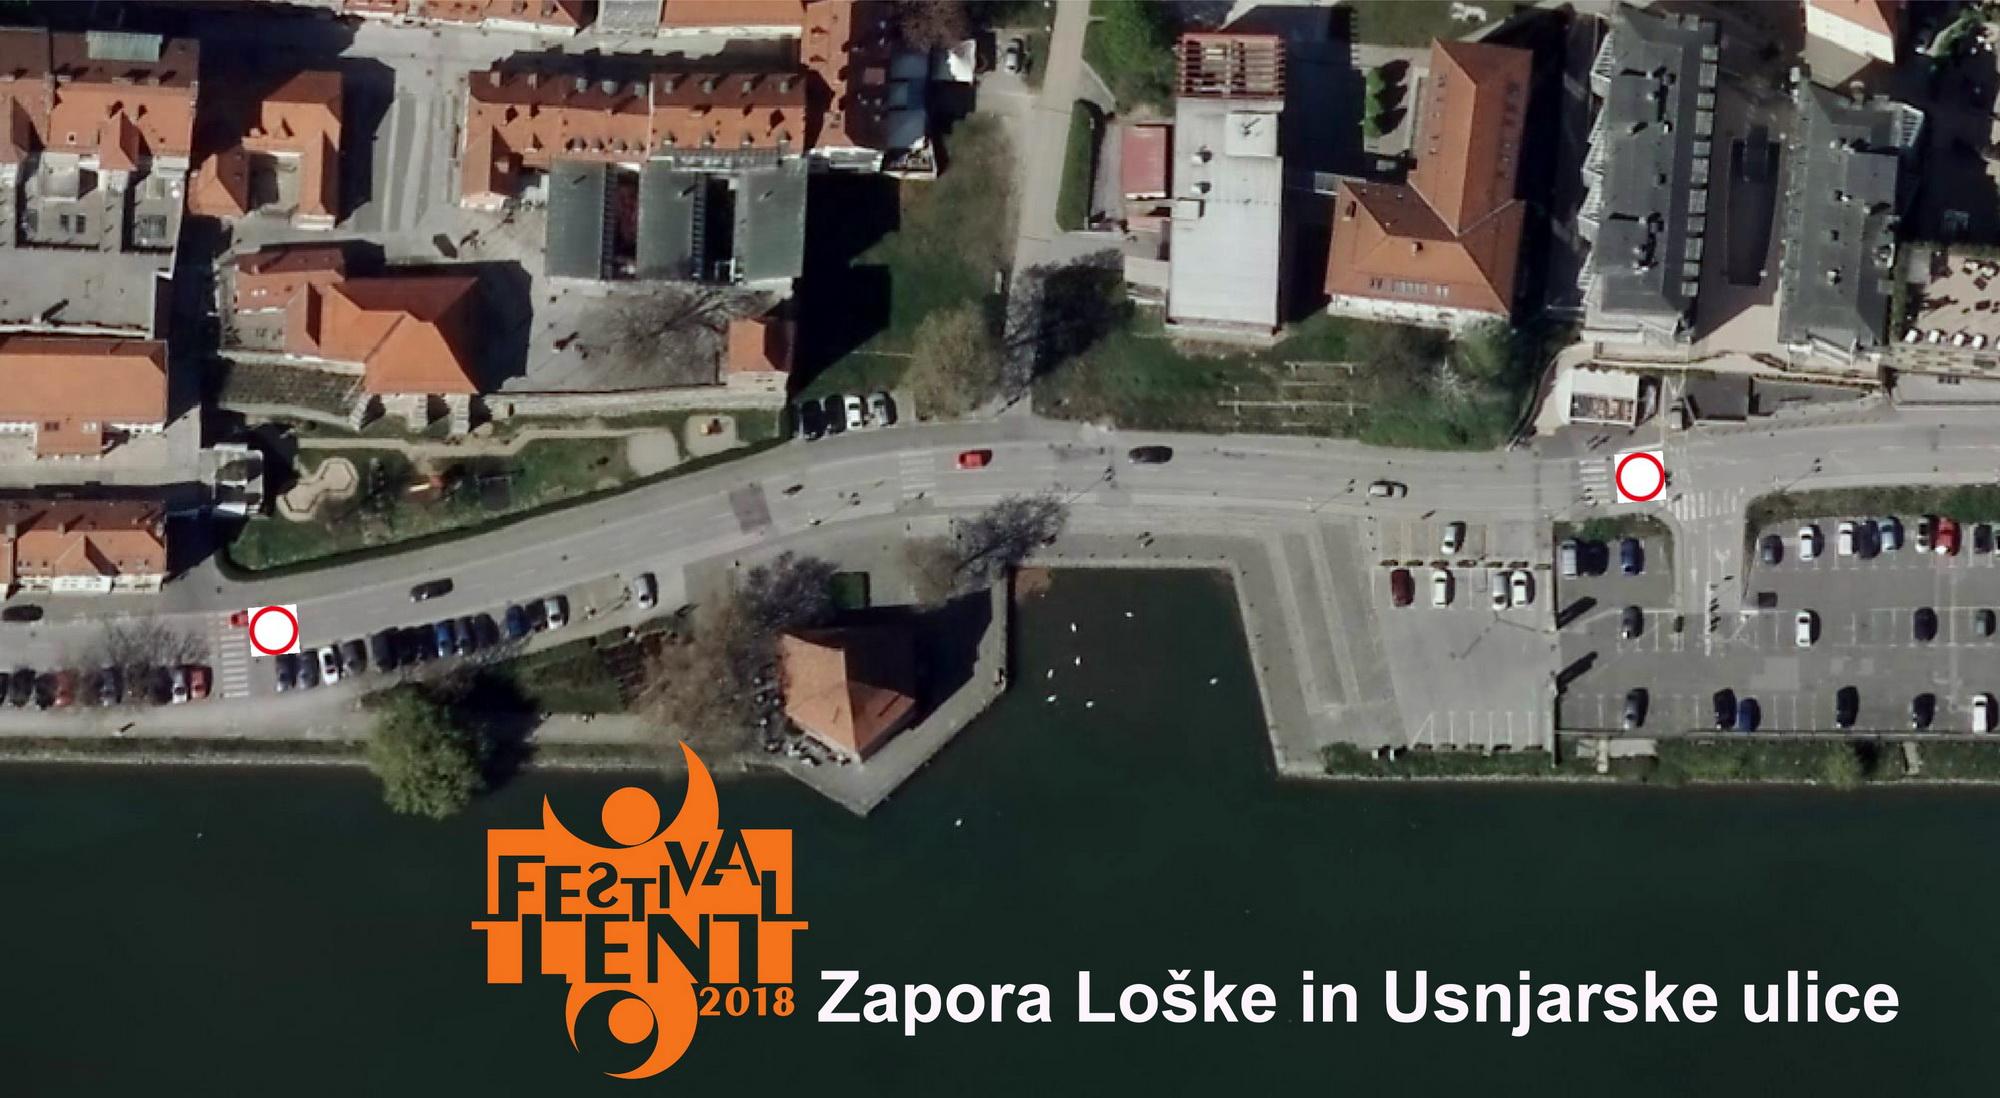 festival-lent-2018-zapora-loske-in-usnjarske-ulice